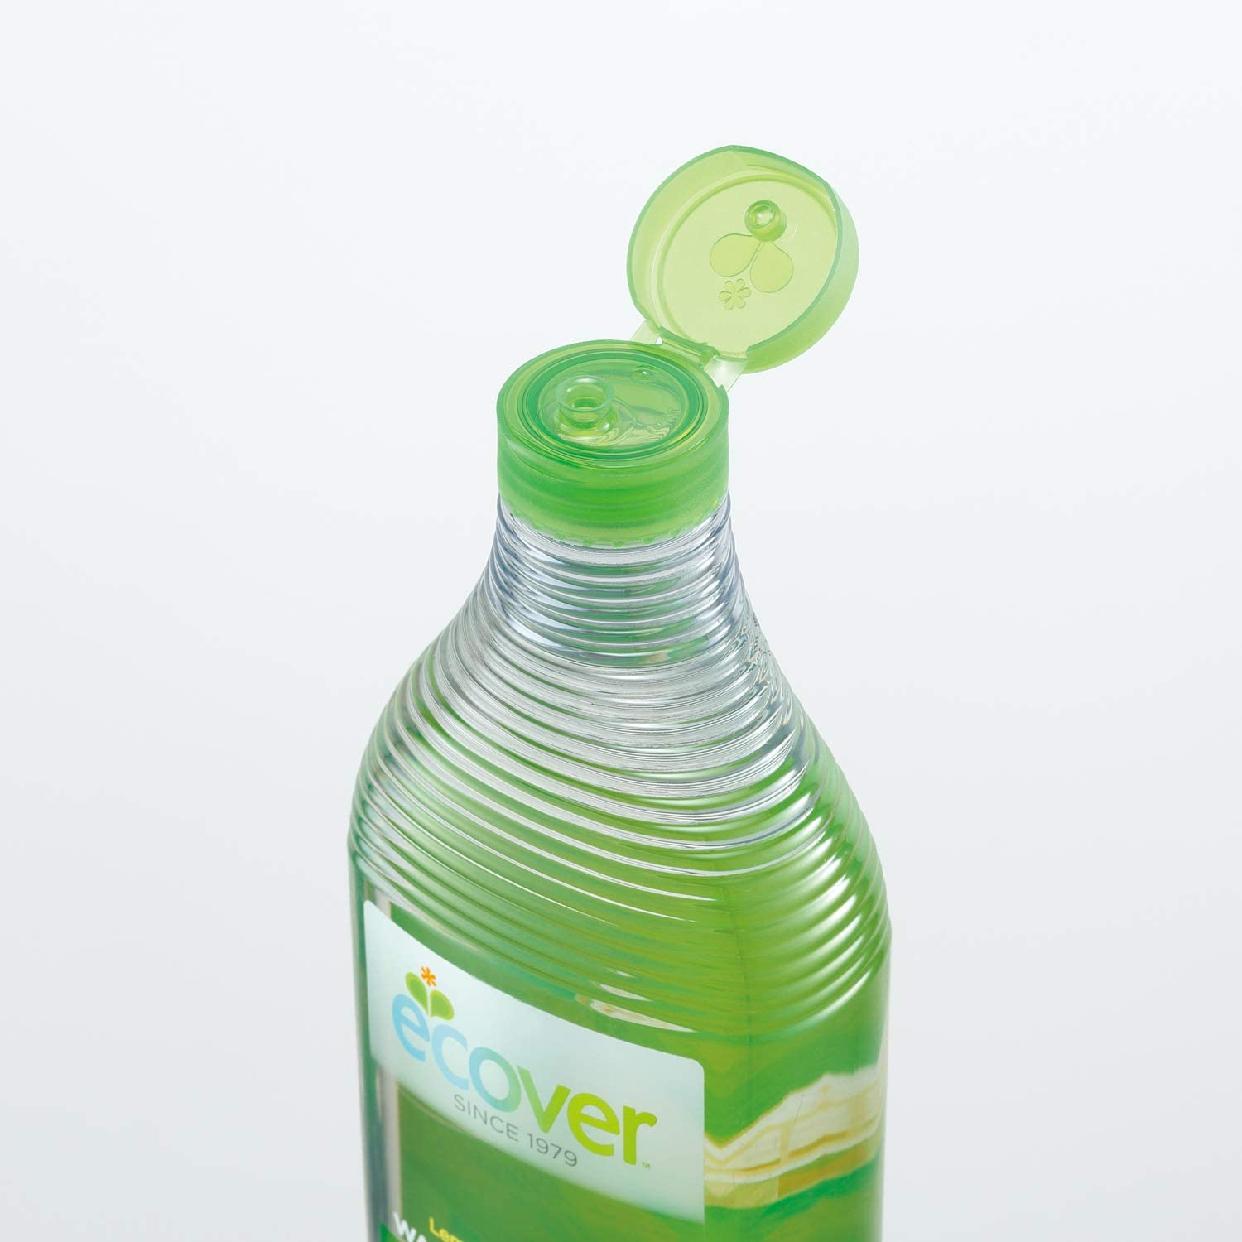 ECOVER(エコベール) 食器用洗剤 レモンの商品画像6